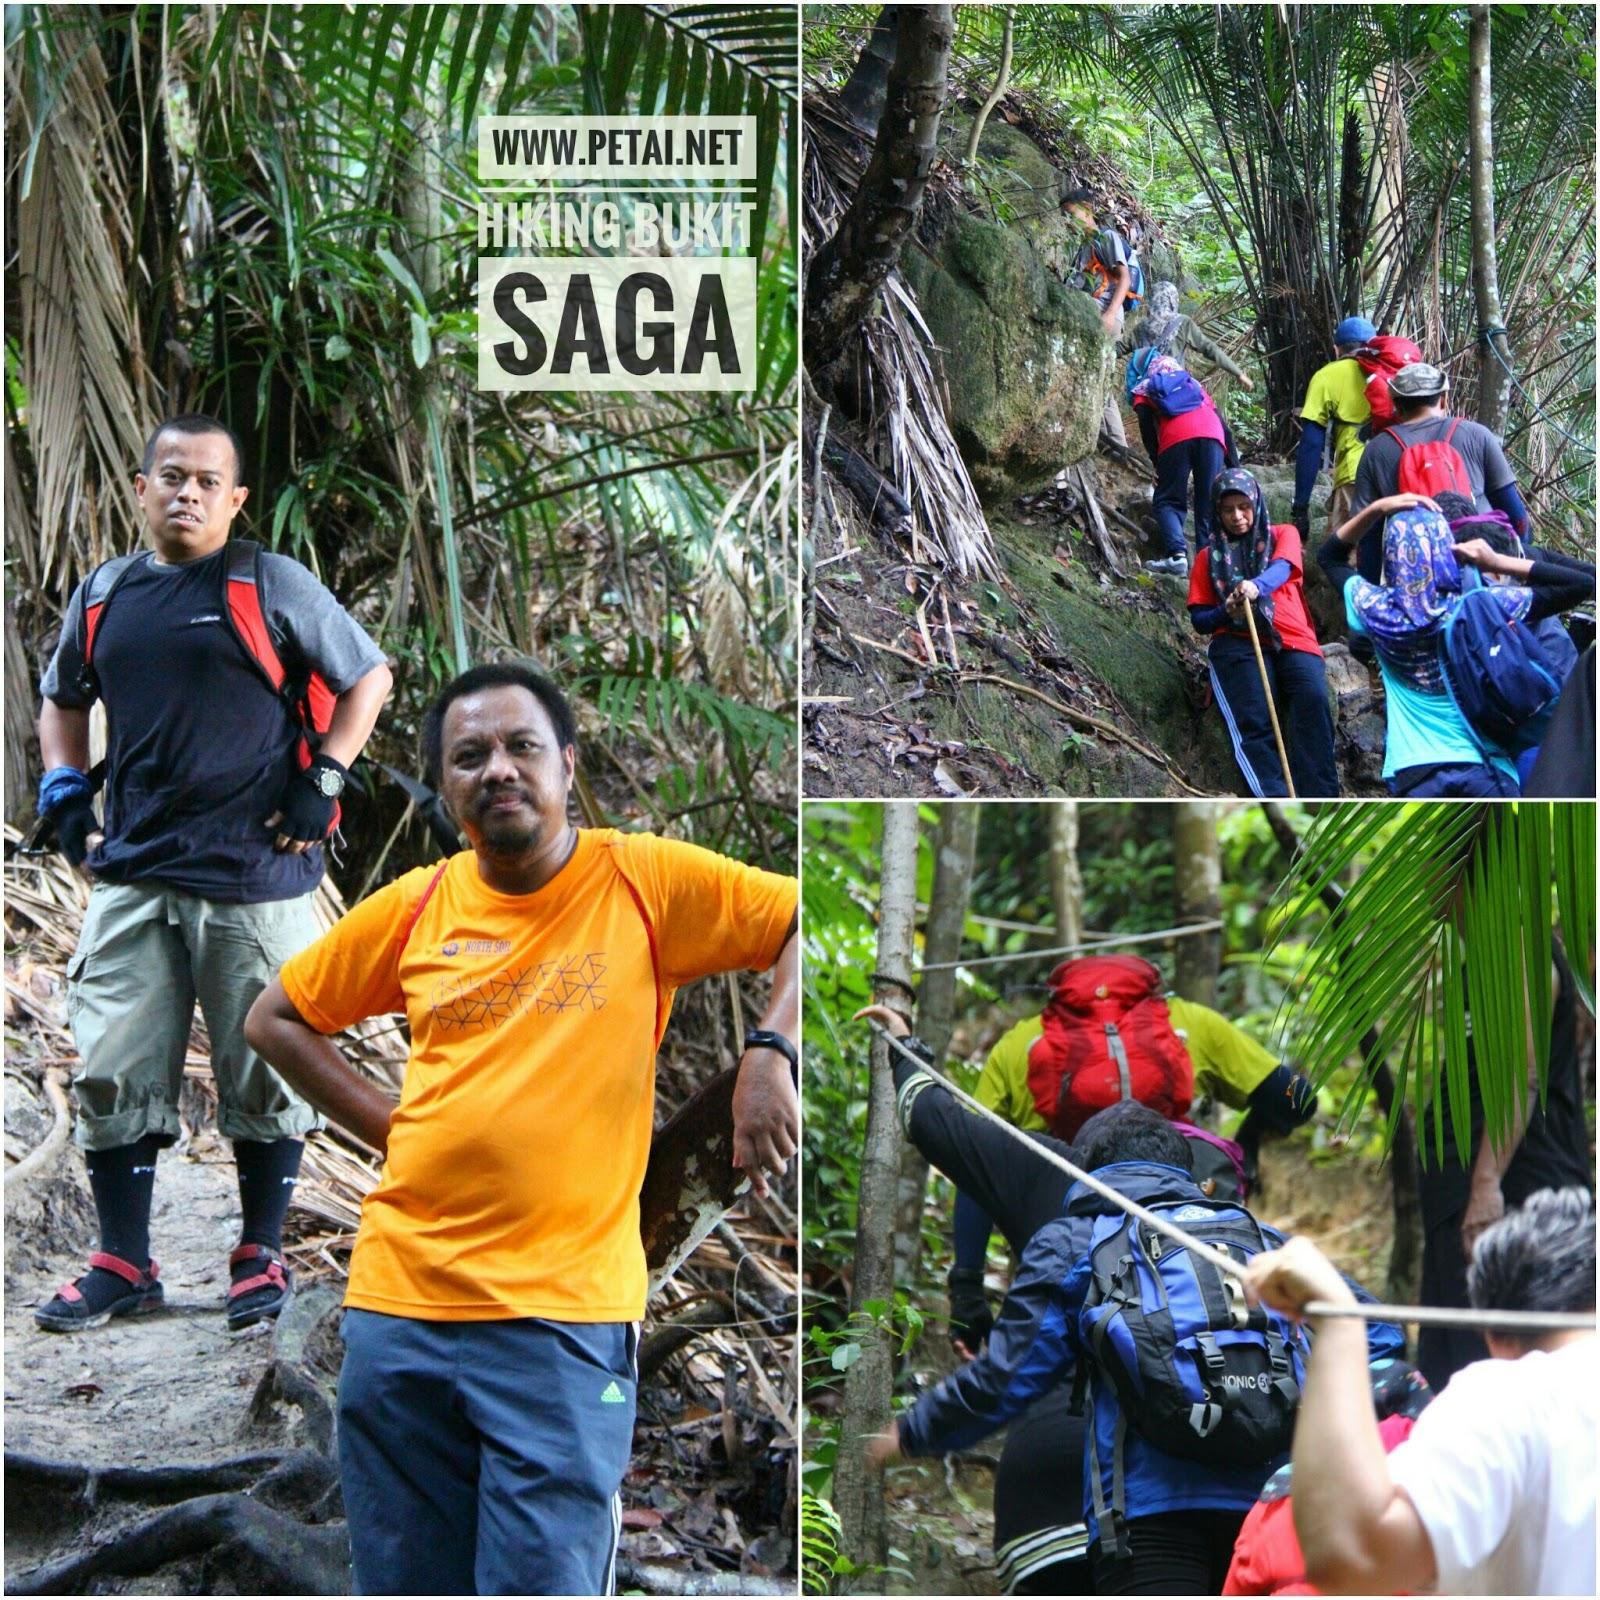 Hiking Bukit Saga